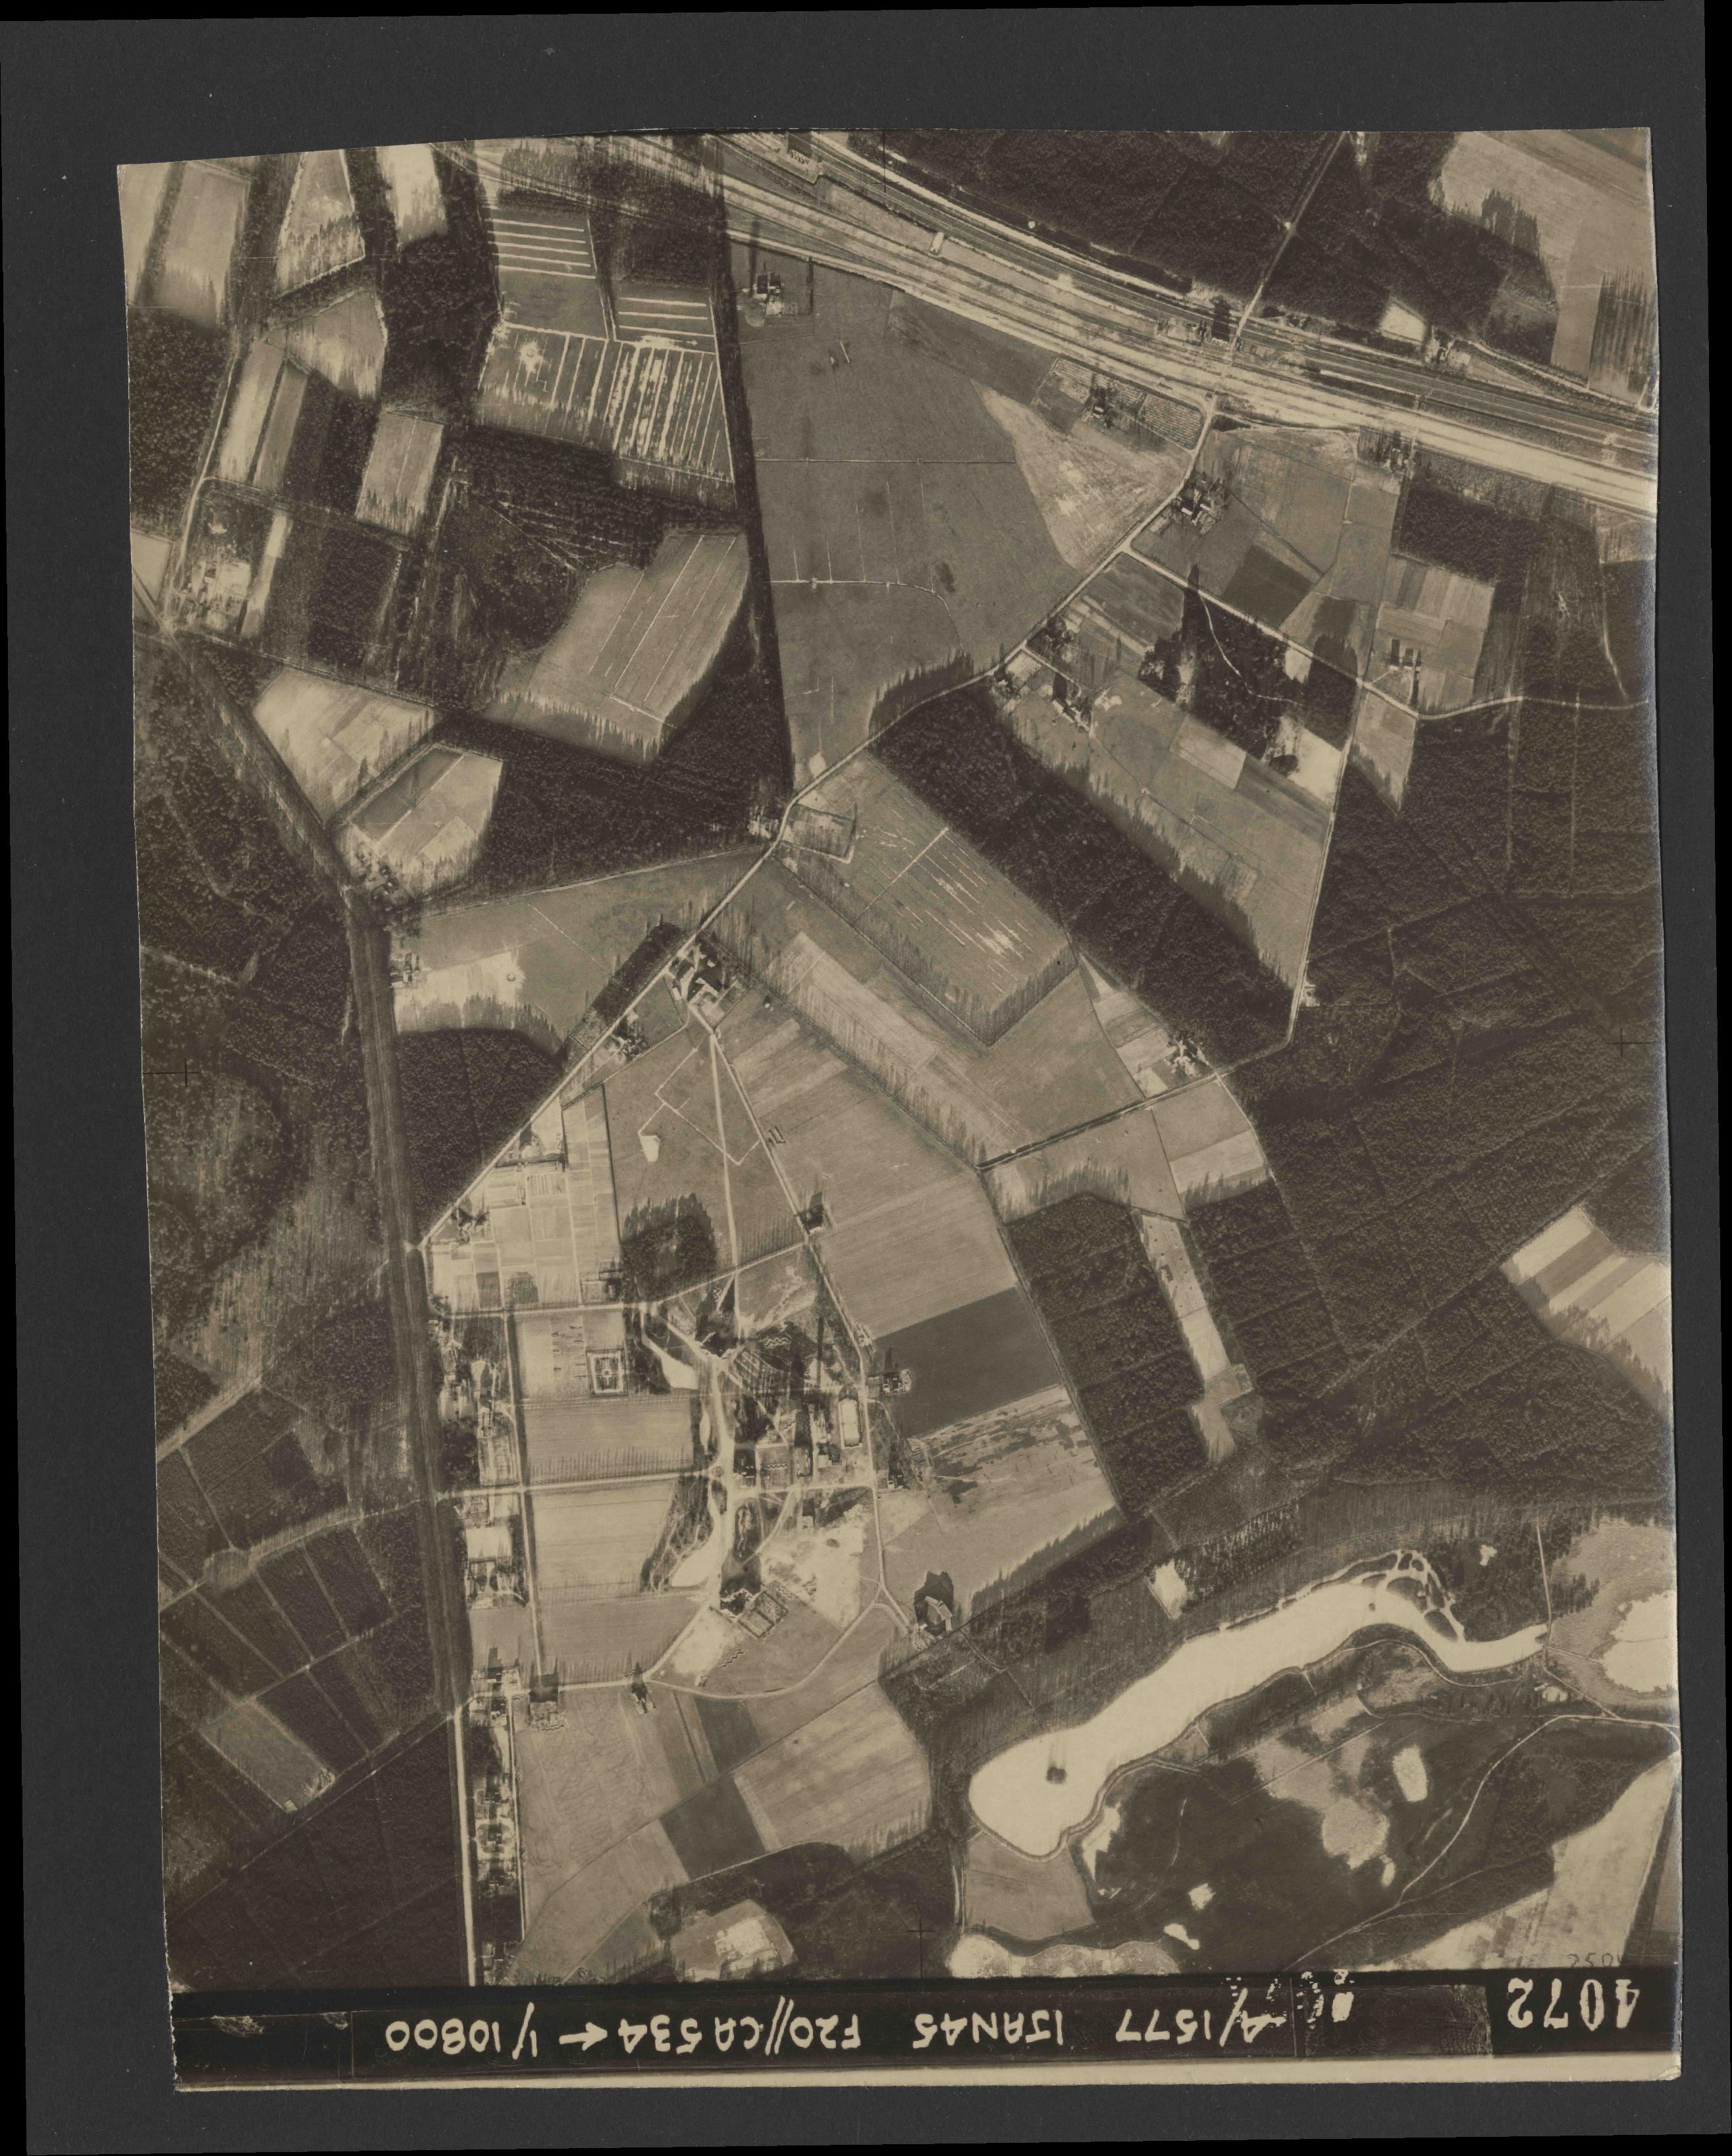 Collection RAF aerial photos 1940-1945 - flight 105, run 06, photo 4072